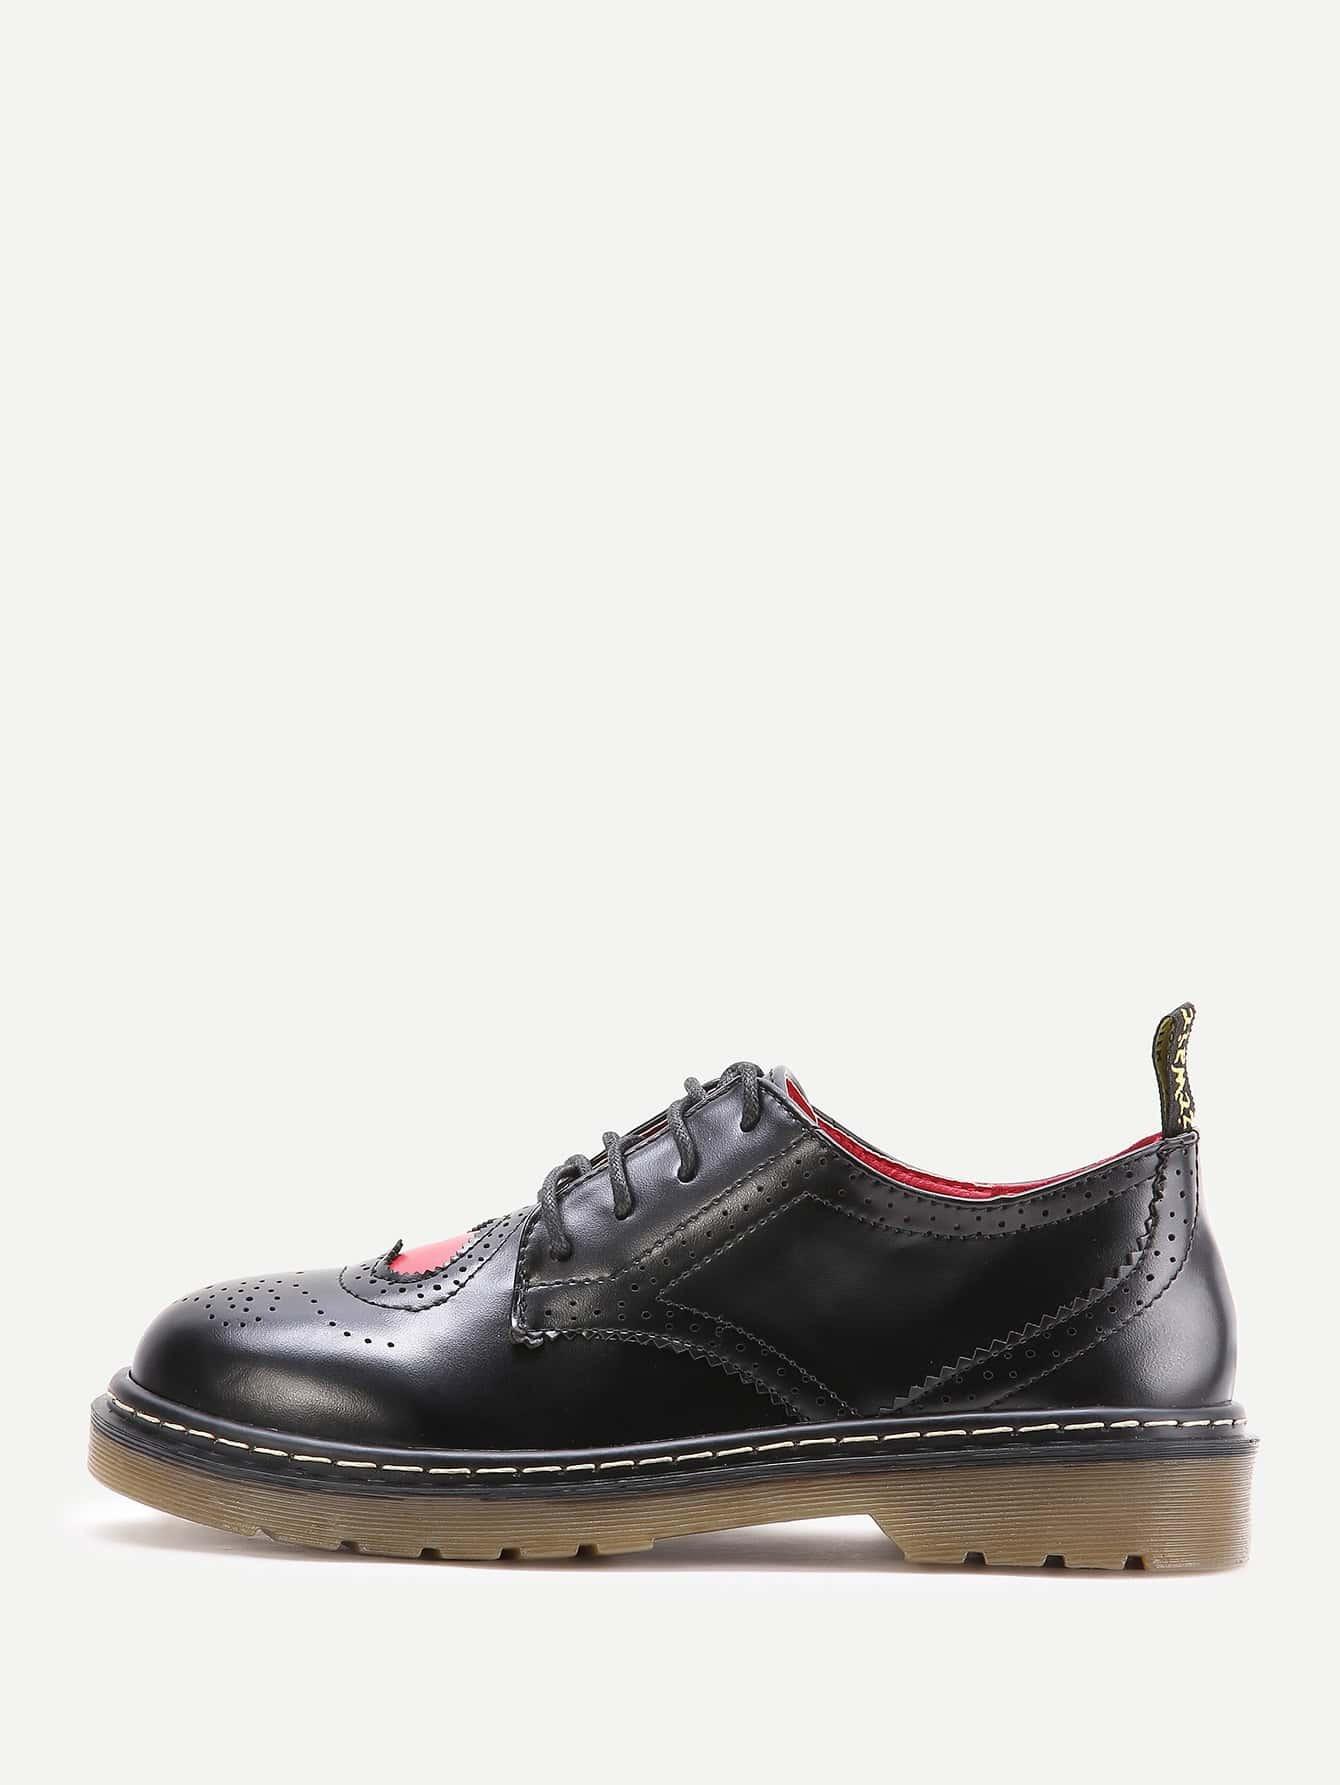 shoes170321804_2